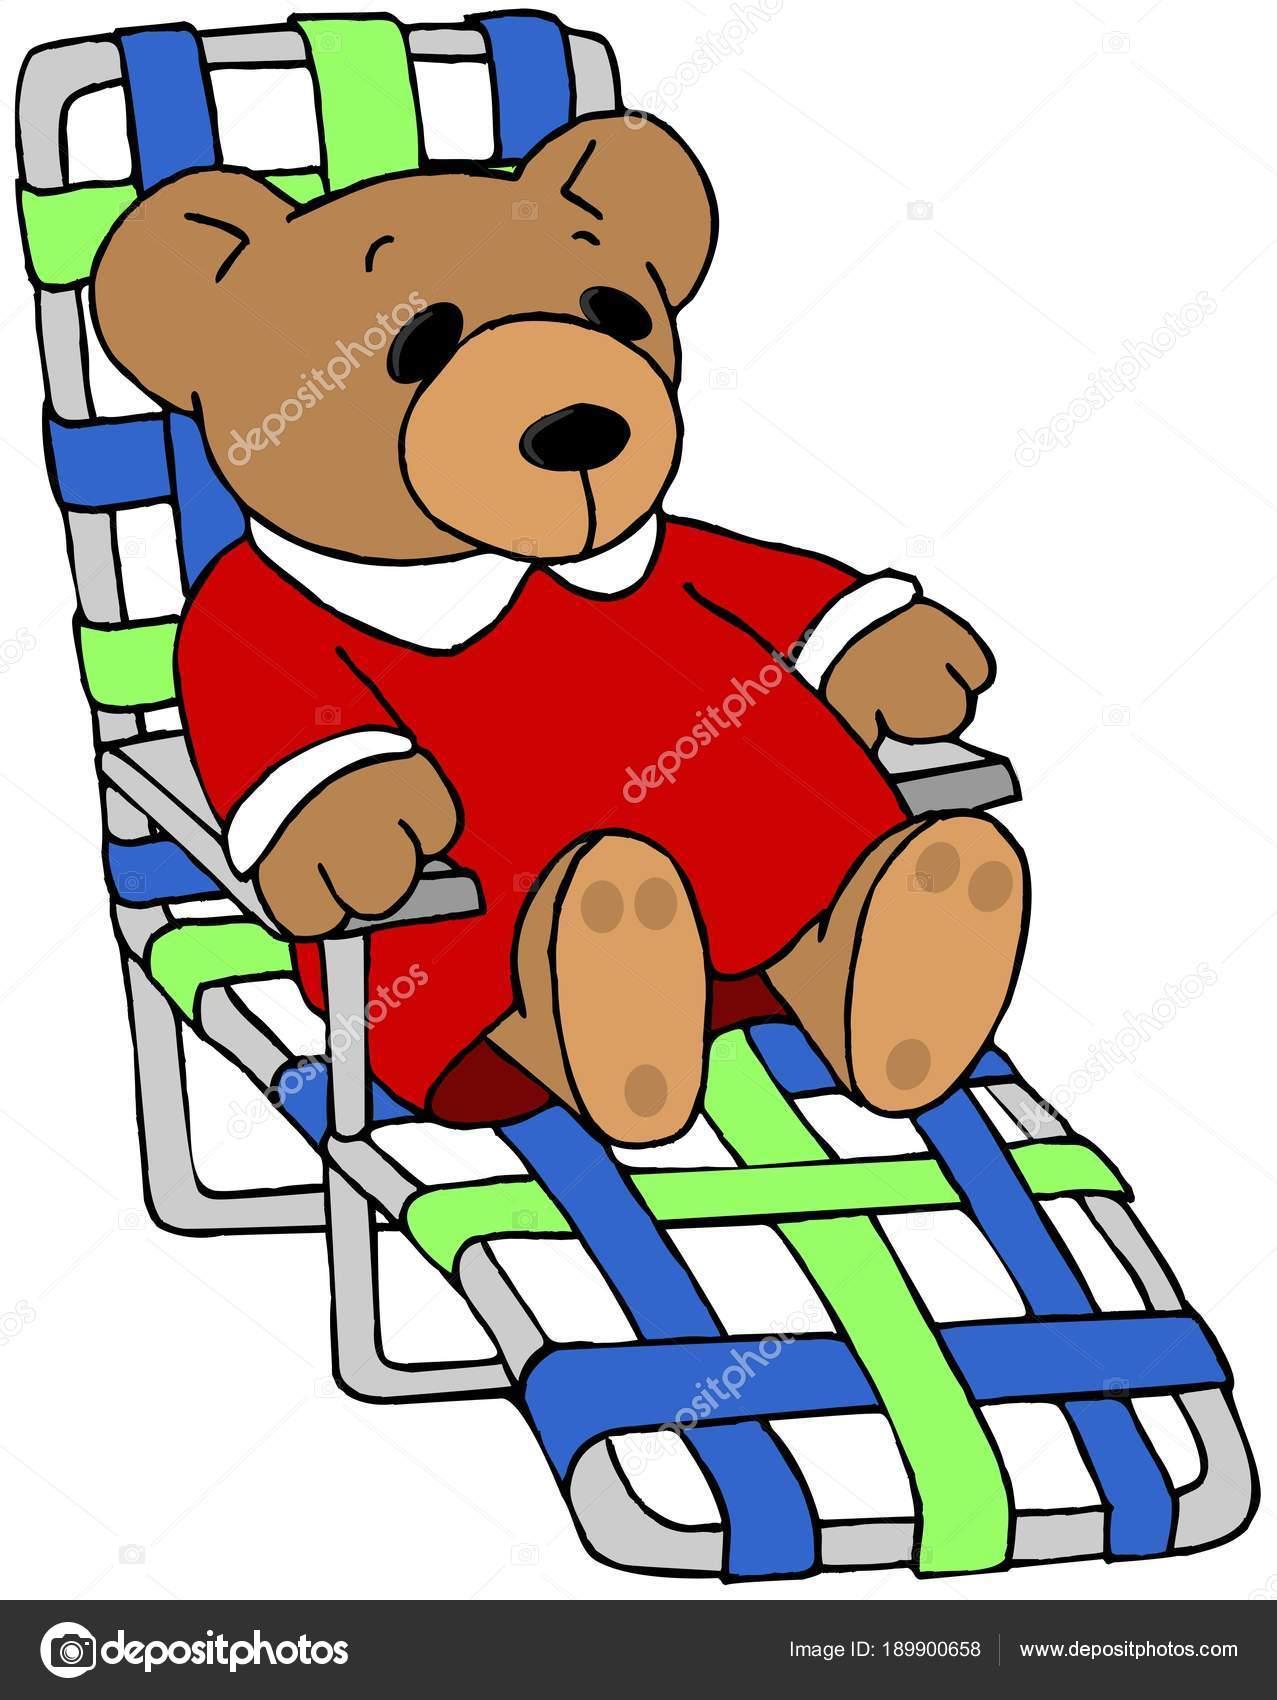 Mann im liegestuhl clipart  Abbildung Eines Spielzeugs Teddybär Liegestuhl Sitzen — Stockfoto ...